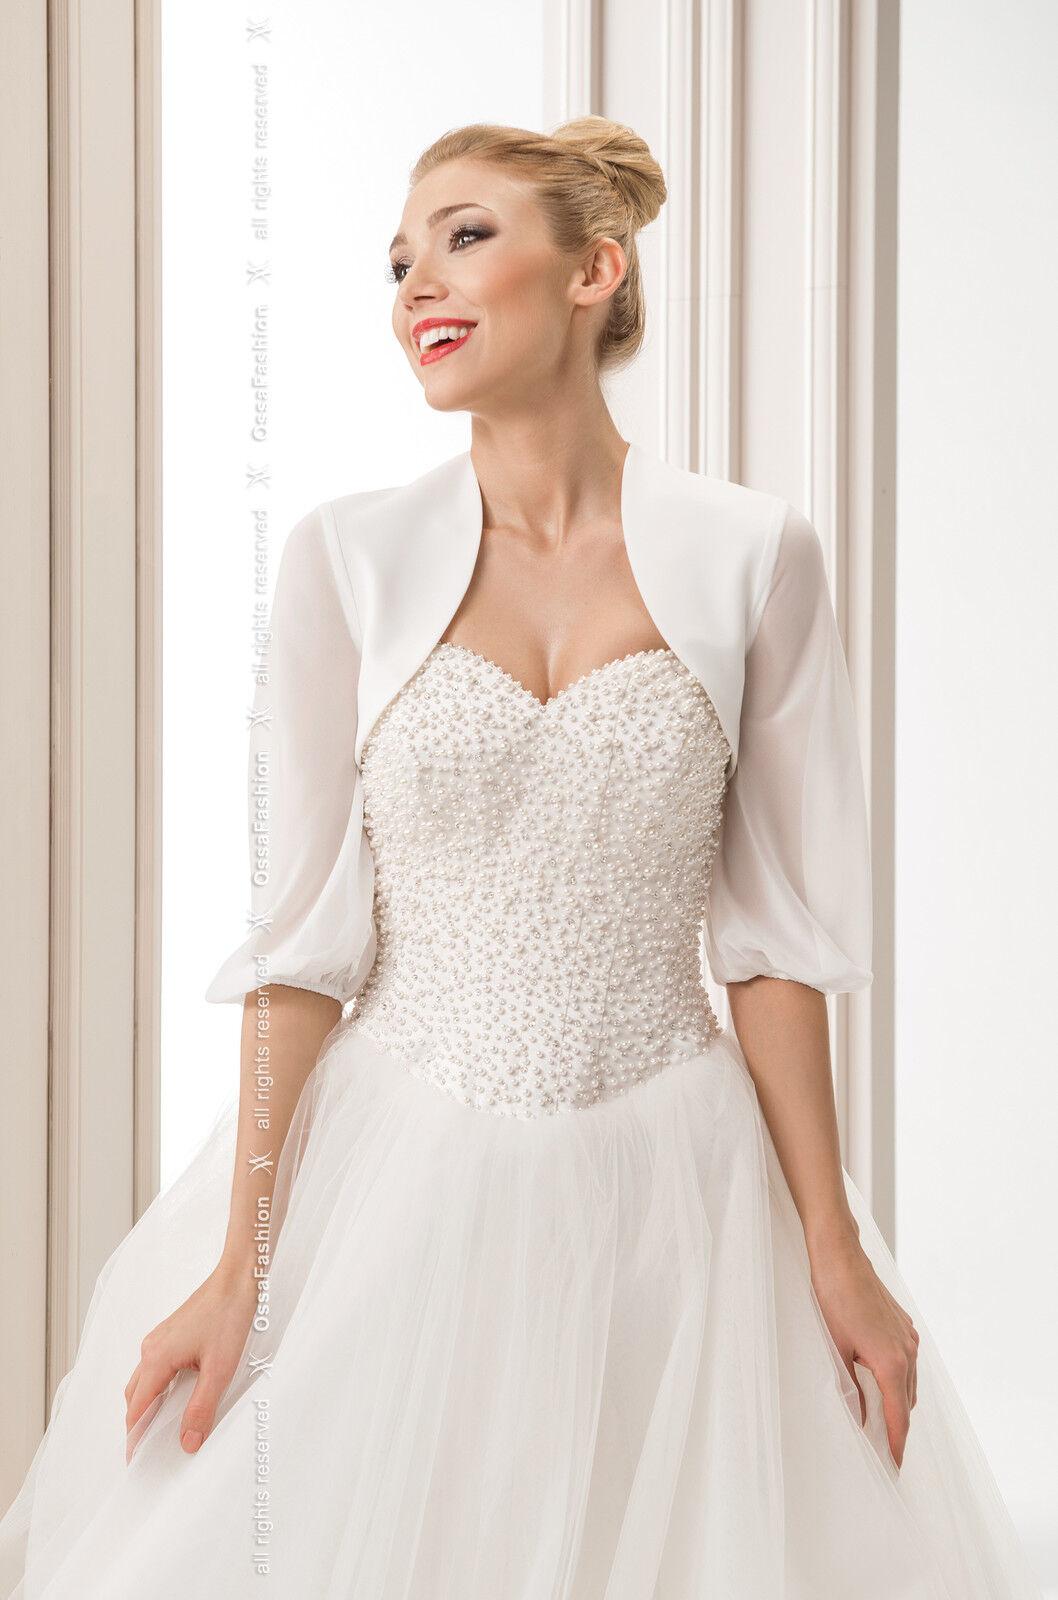 Women Wedding Bridal Coat Bolero Satin Jacket Shrug With Chiffon ...